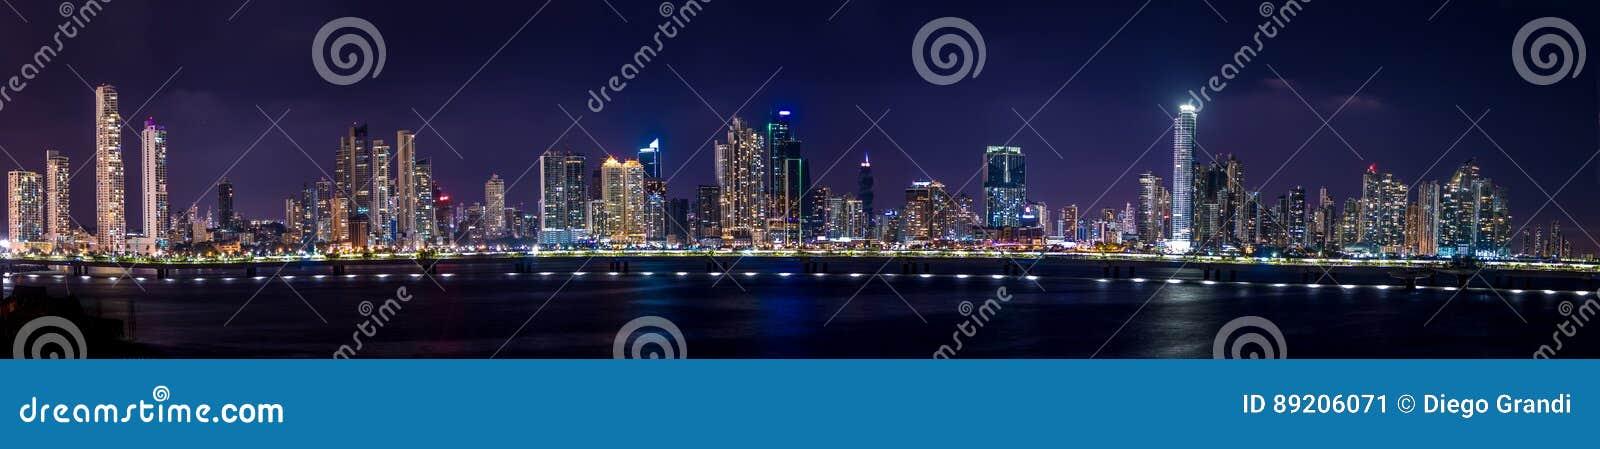 Vue panoramique d horizon de Panamá City la nuit - Panamá City, Panama